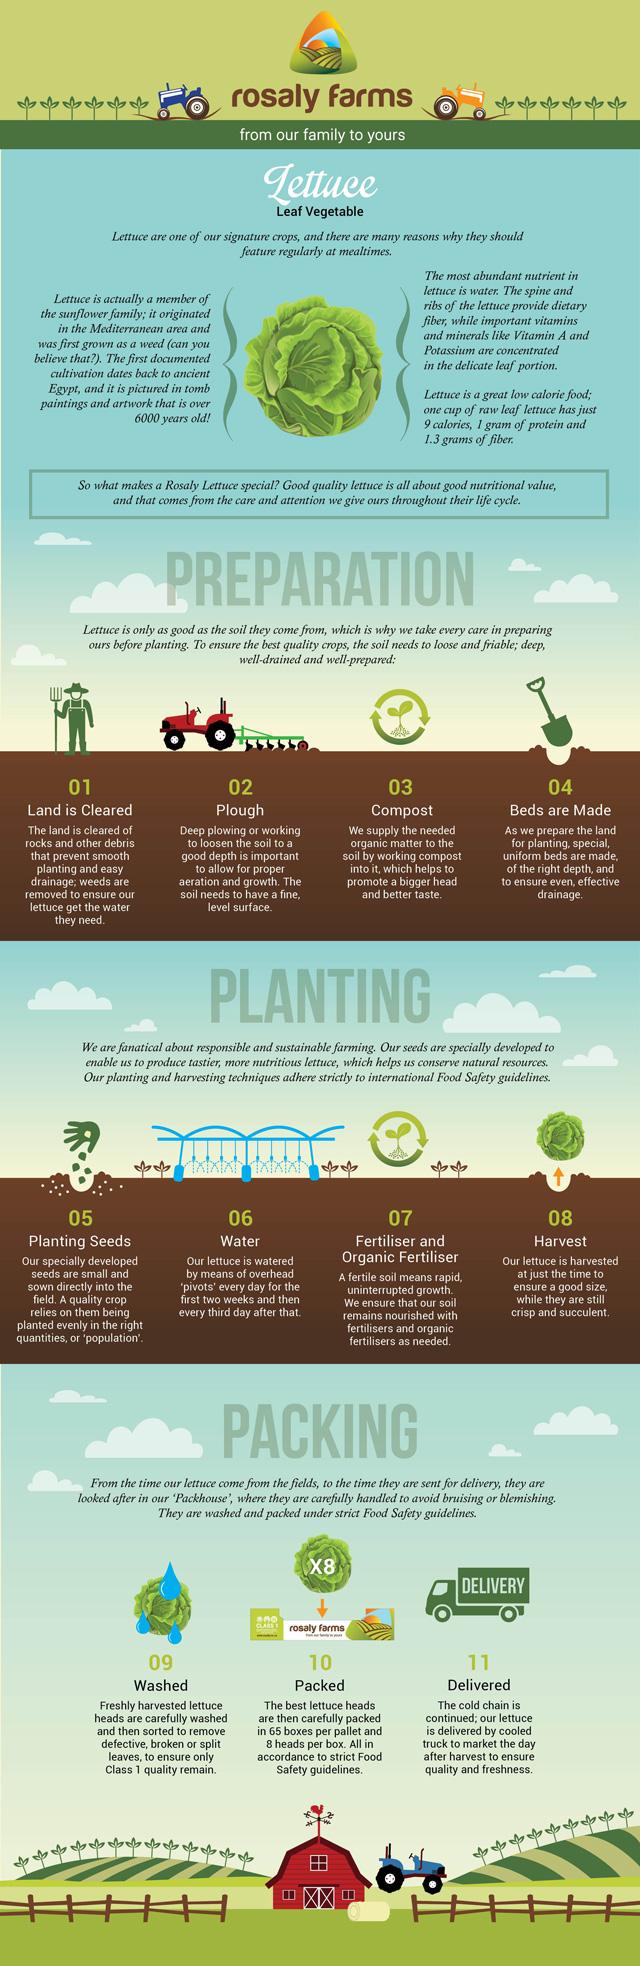 ROSALY_Lettuce-Infographic-v1